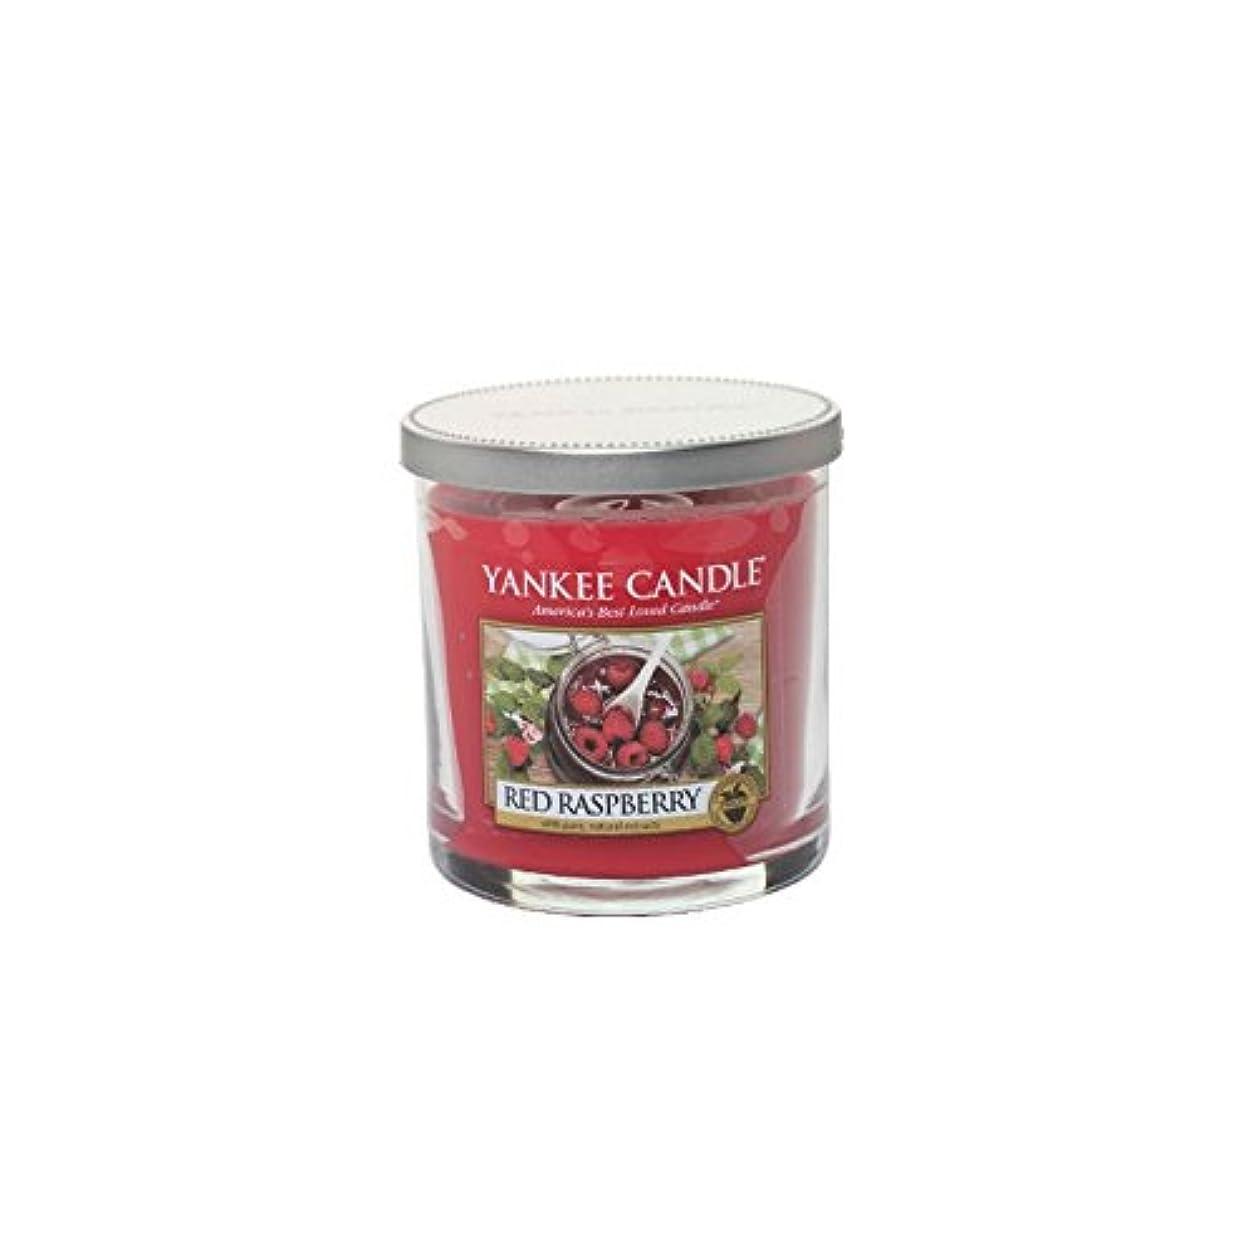 喉が渇いた接触習慣Yankee Candles Small Pillar Candle - Red Raspberry (Pack of 2) - ヤンキーキャンドルの小さな柱キャンドル - レッドラズベリー (x2) [並行輸入品]